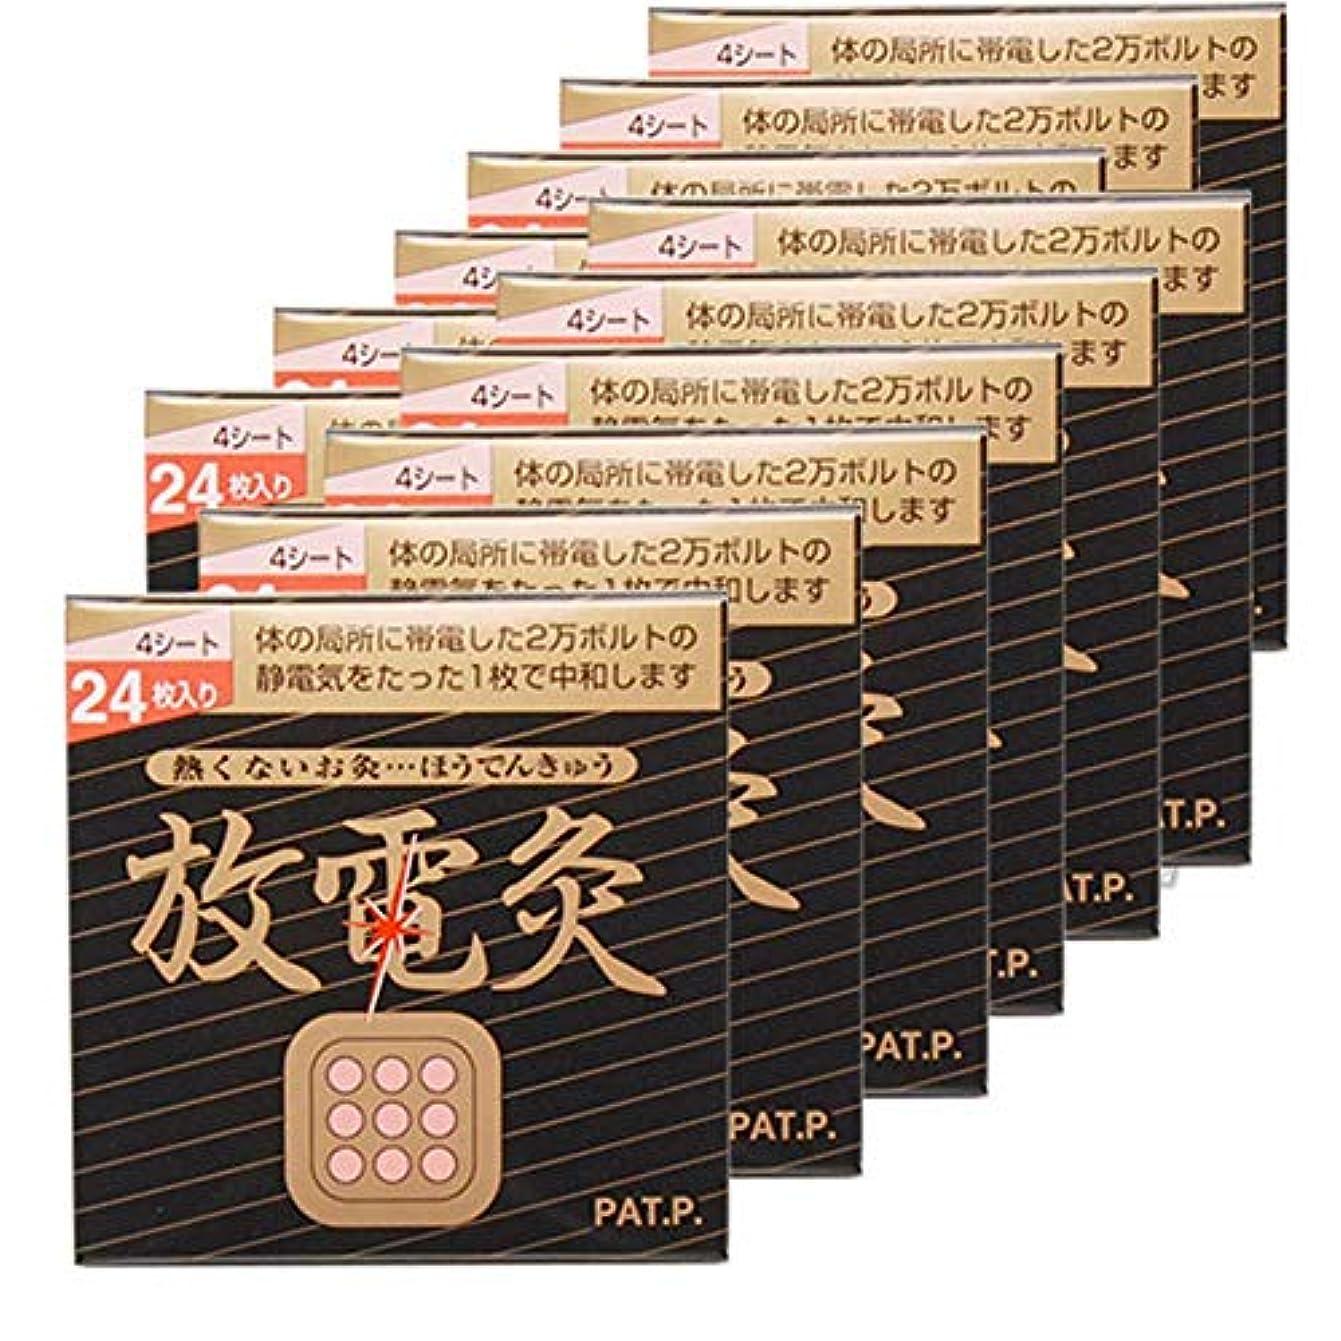 外科医コードメナジェリー【X12箱セット】 放電灸 4シート(24枚入)